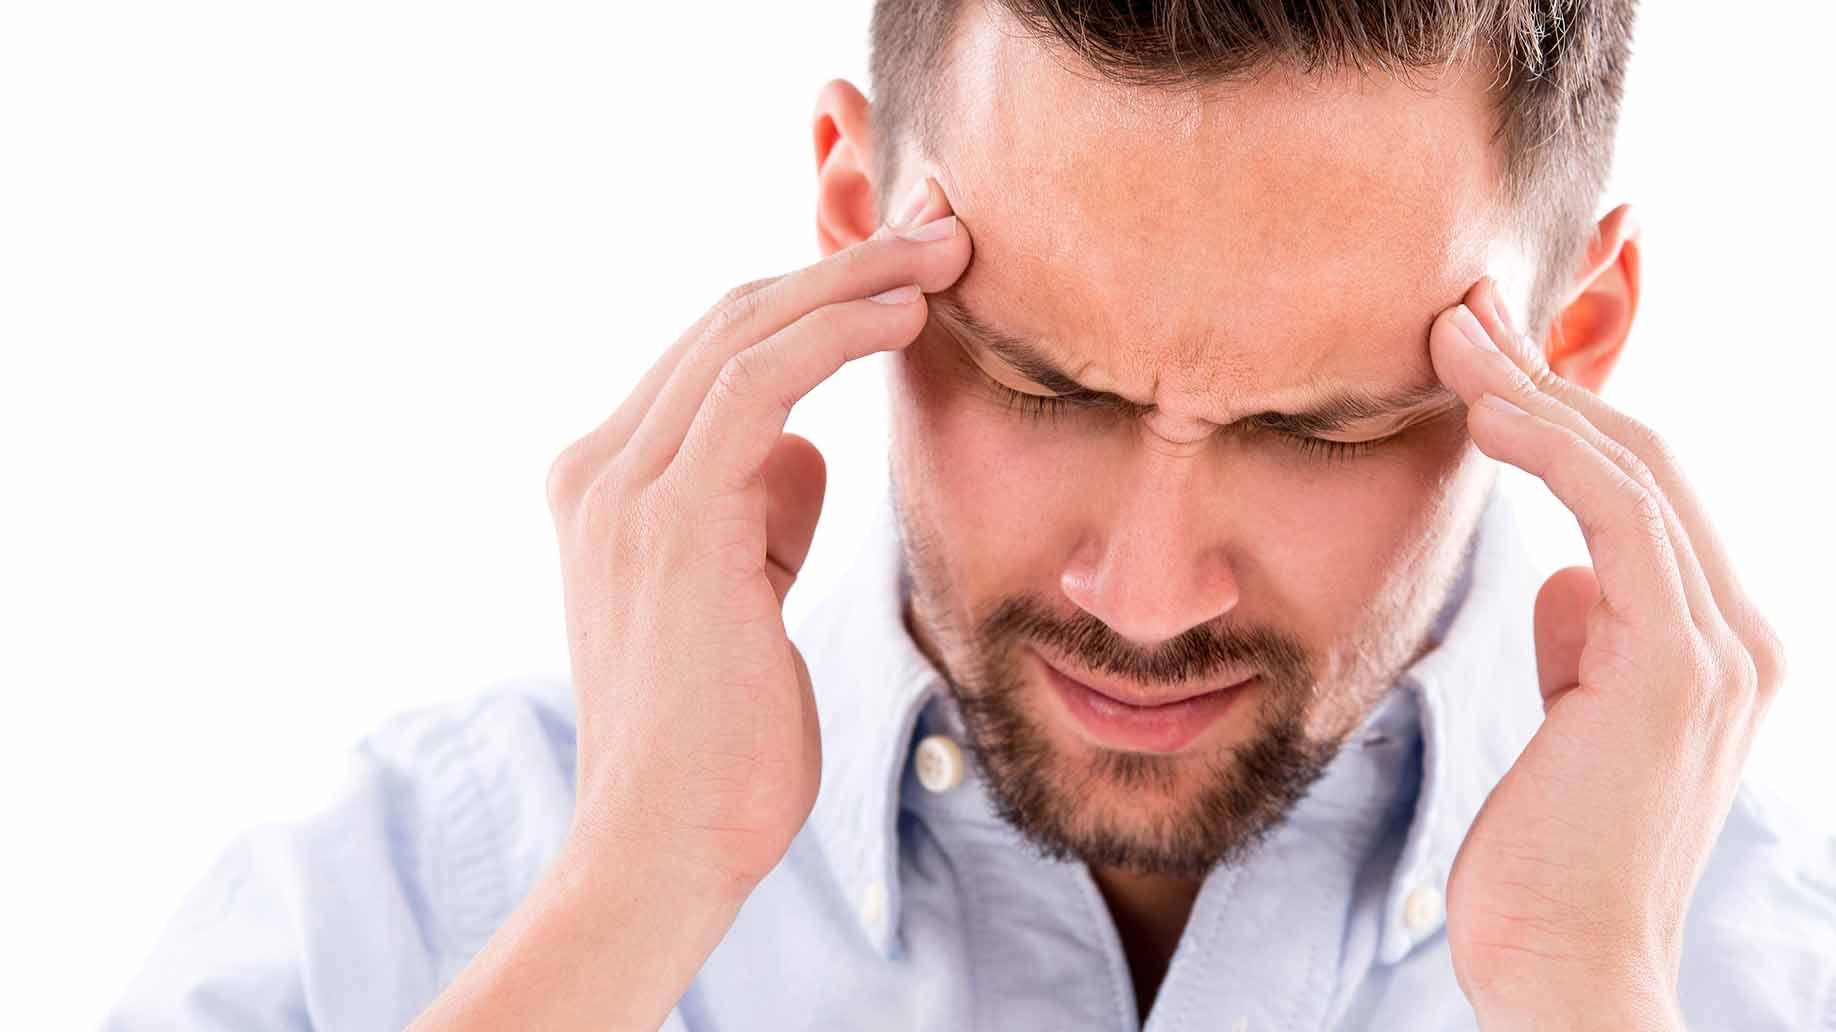 -نشانههای جدی کمبود منیزیم که سبب ابتلای شما به بیماری میشود۲-نشانههای جدی و باورنکردنی کمبود منیزیم دربدن۳-جذب بهتر ویتامین D. با مصرف این ماده معدنی منحصربه فرد۴- درمان شدیدترین مشکلهای پوستی با مصرف این ماده معدنی فوق العاده۵-درمان آگزما، آکنه و پسوریازیس با مصرف این دانه آجیل پرخاصیت